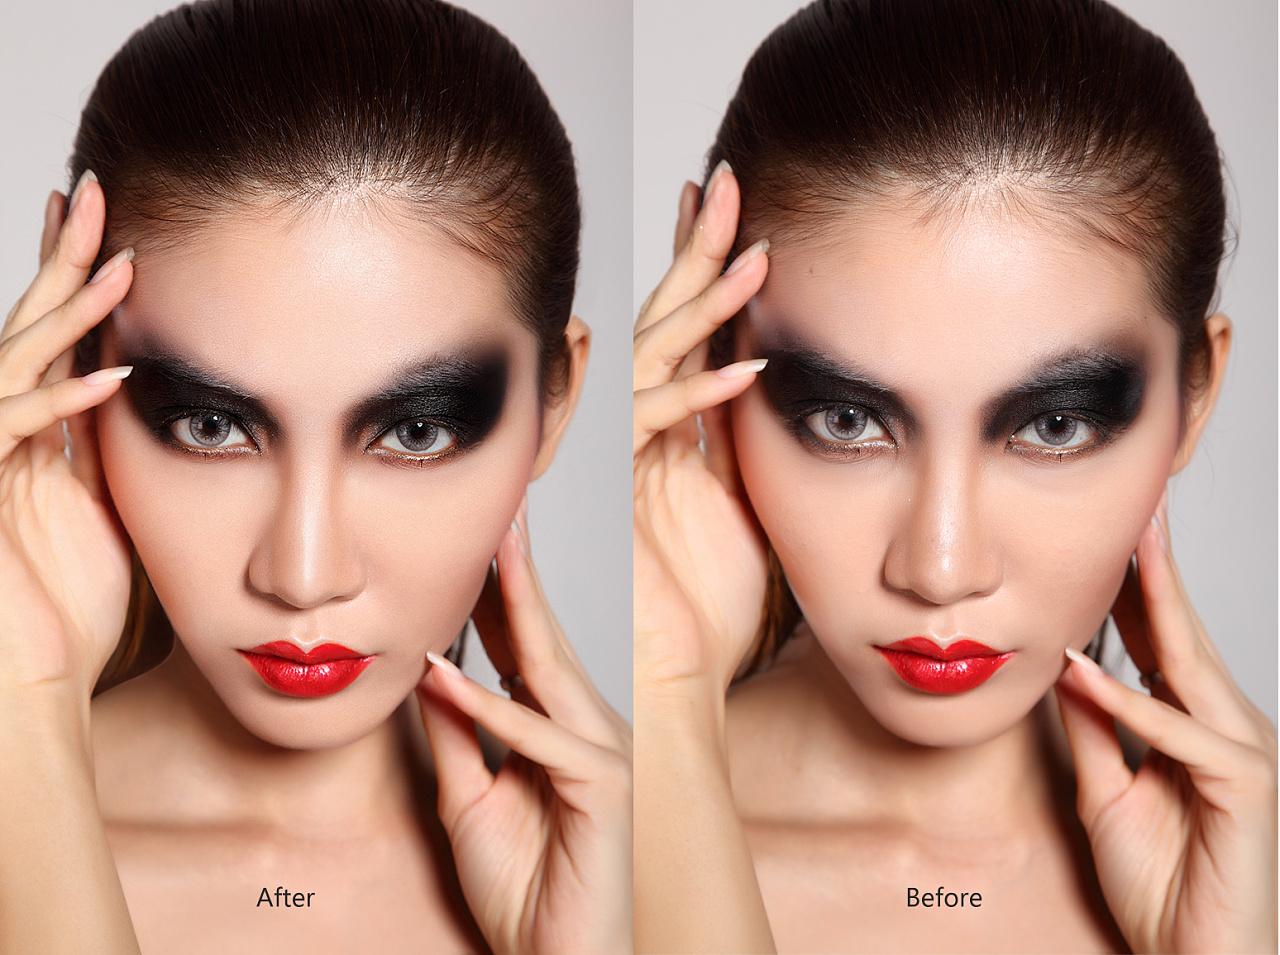 龙虎造型彩妆人像修图图片